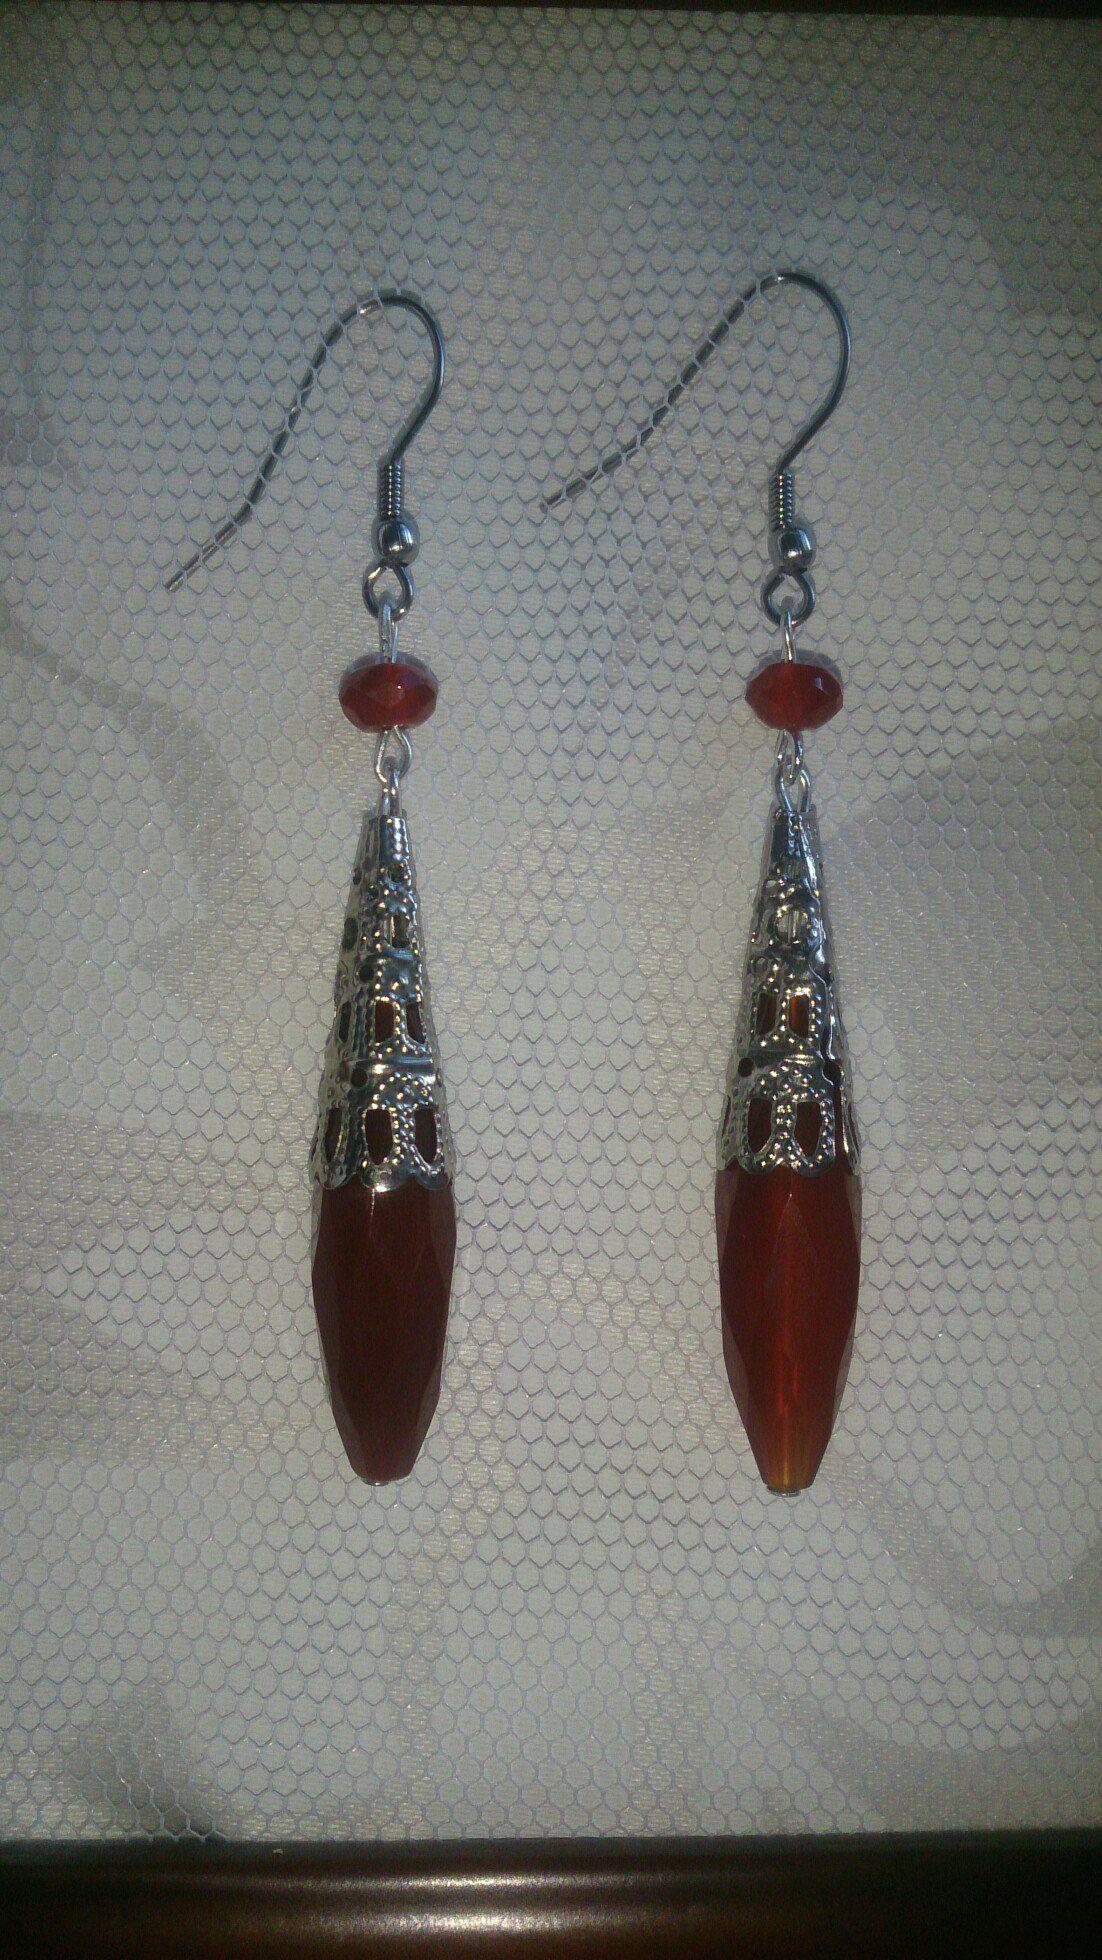 ручнаяработа сердолик подарок серьги натуральныекамни серебро